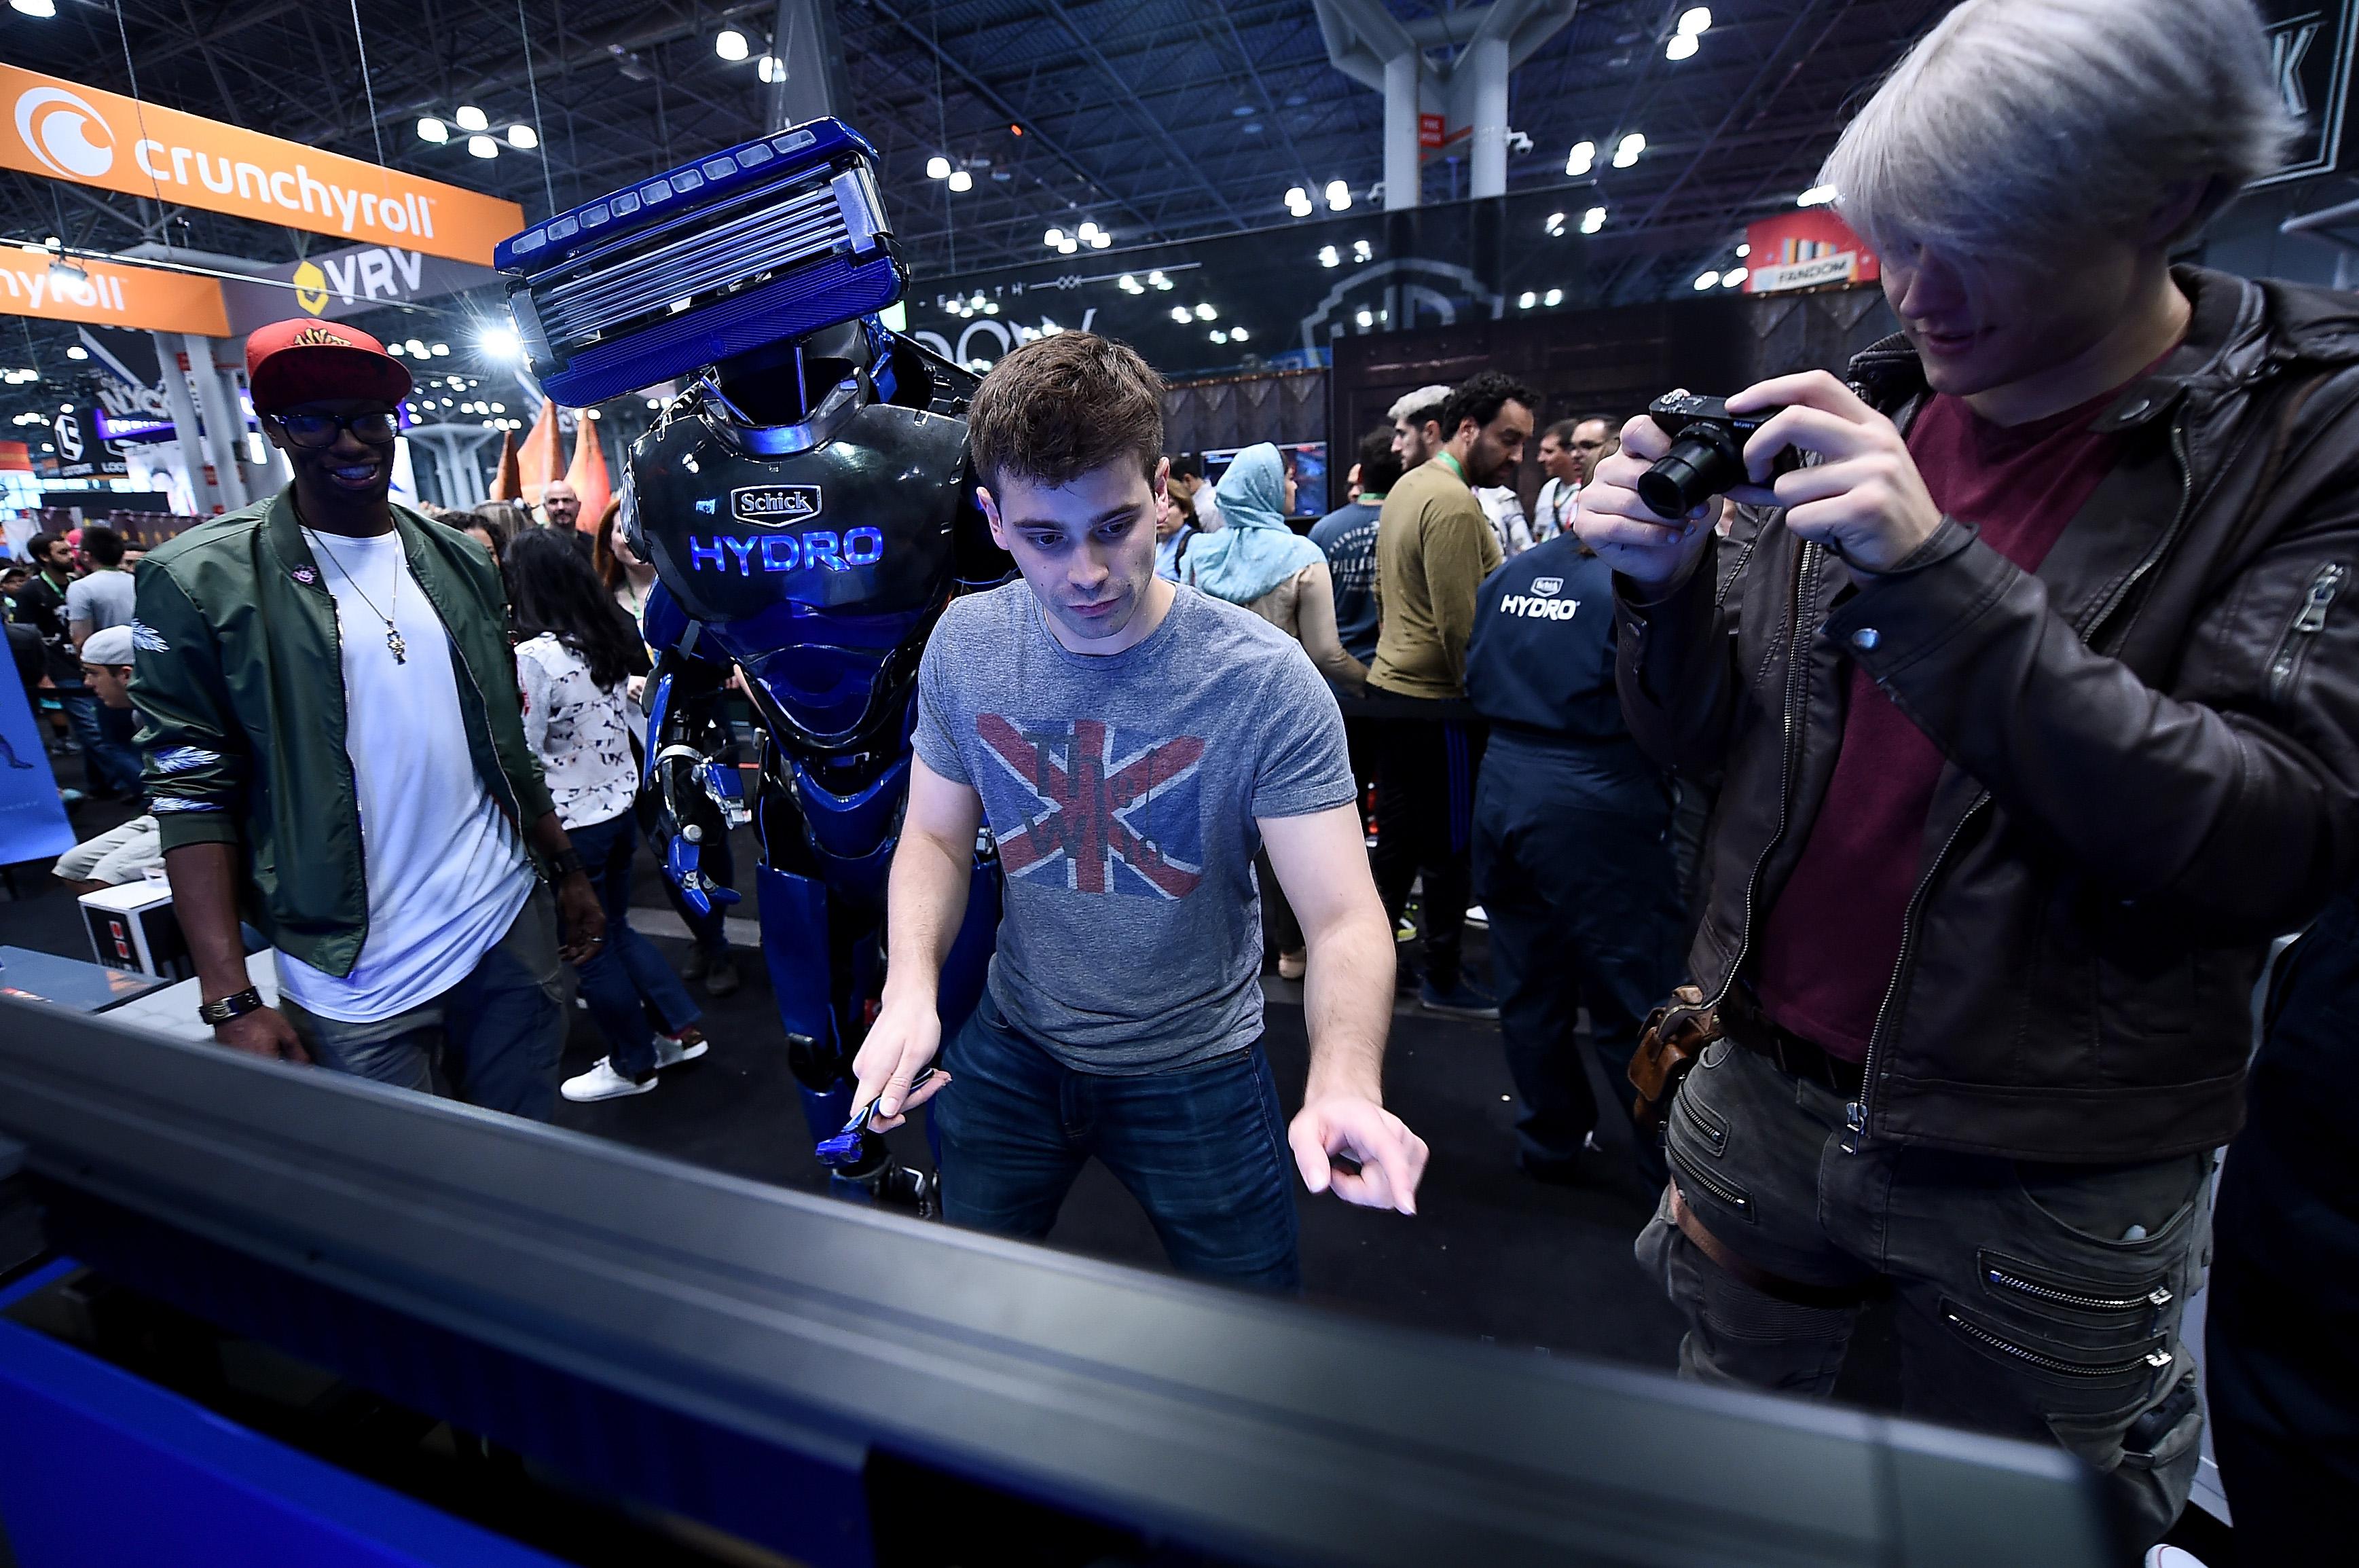 Schick Hydro At New York Comic-Con 2017